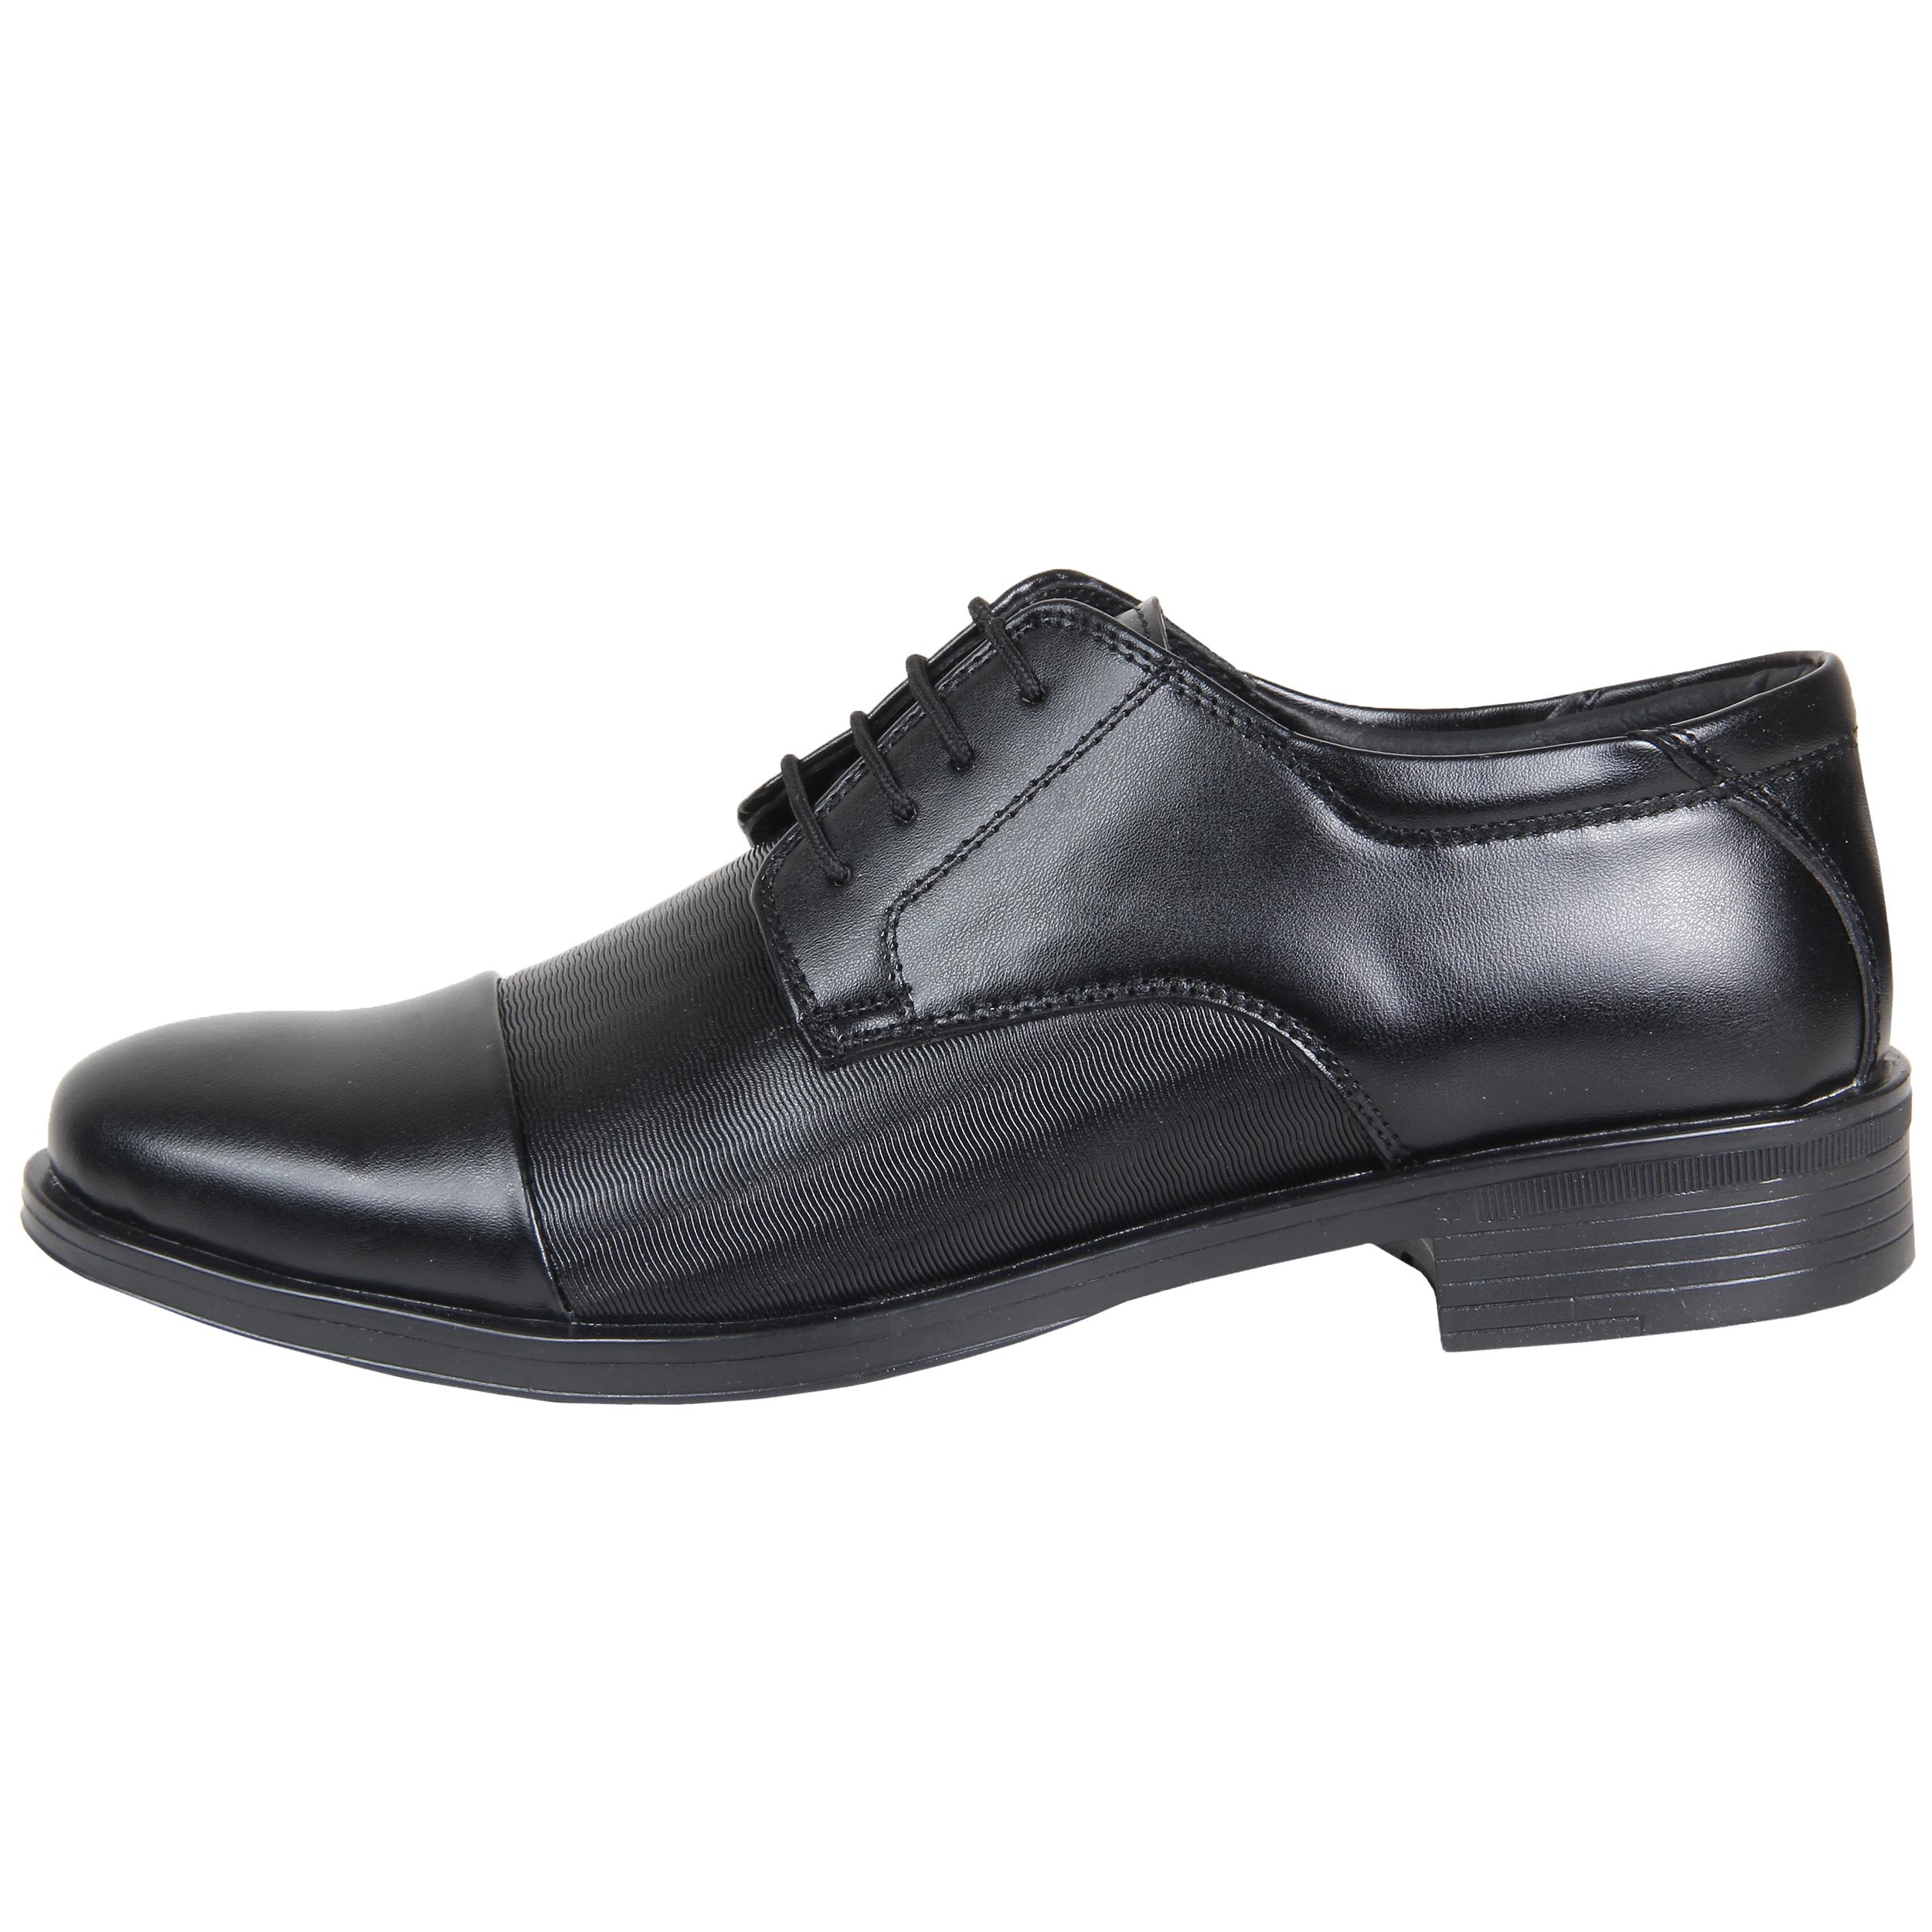 کفش مردانه کد 102011